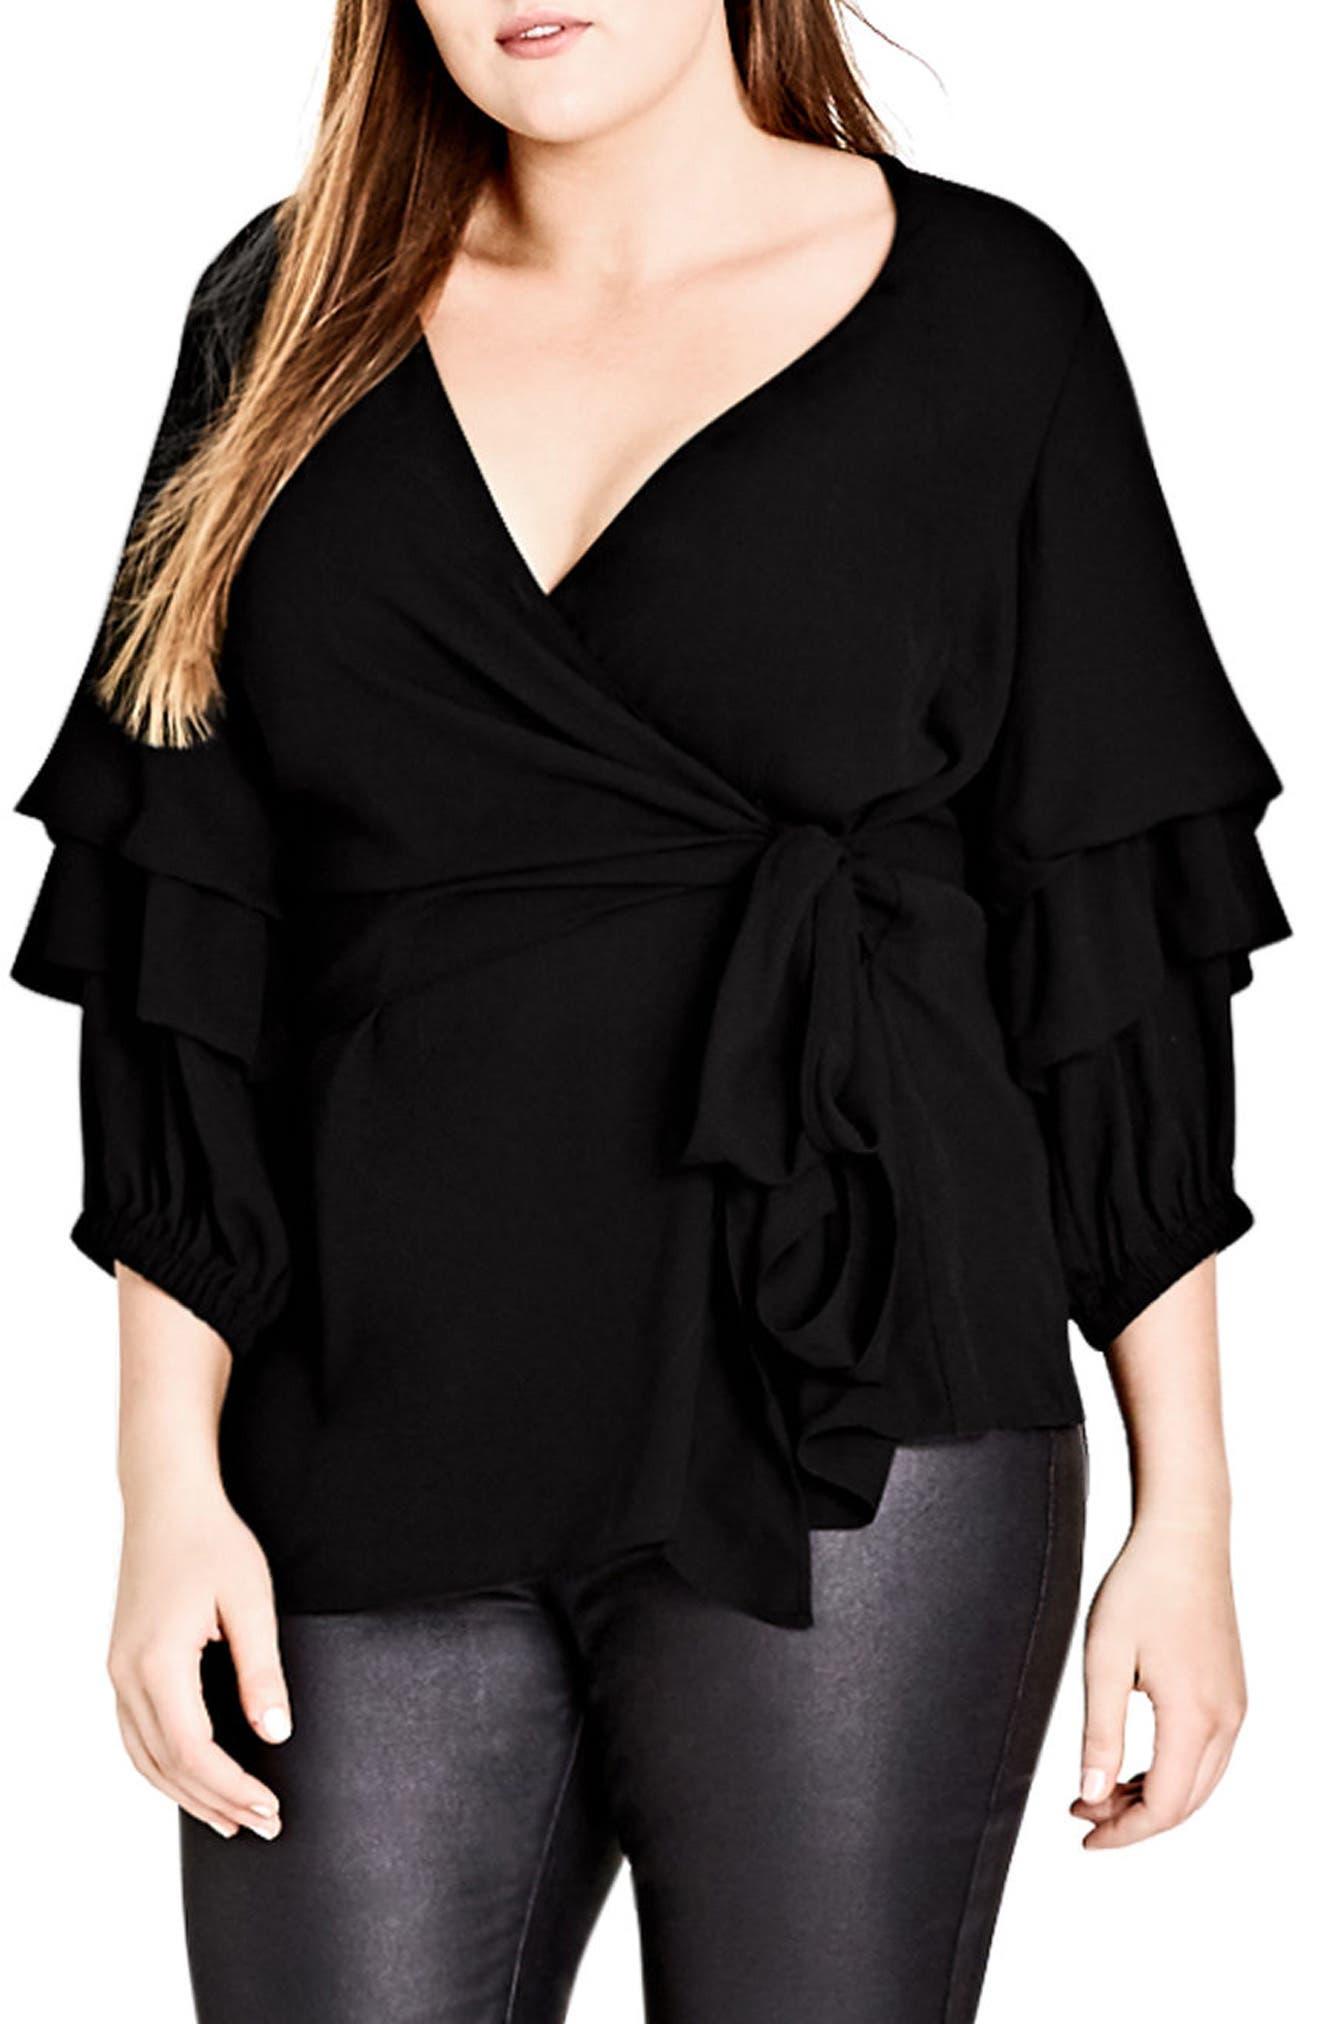 Main Image - City Chic Desire Faux Wrap Shirt (Plus Size)